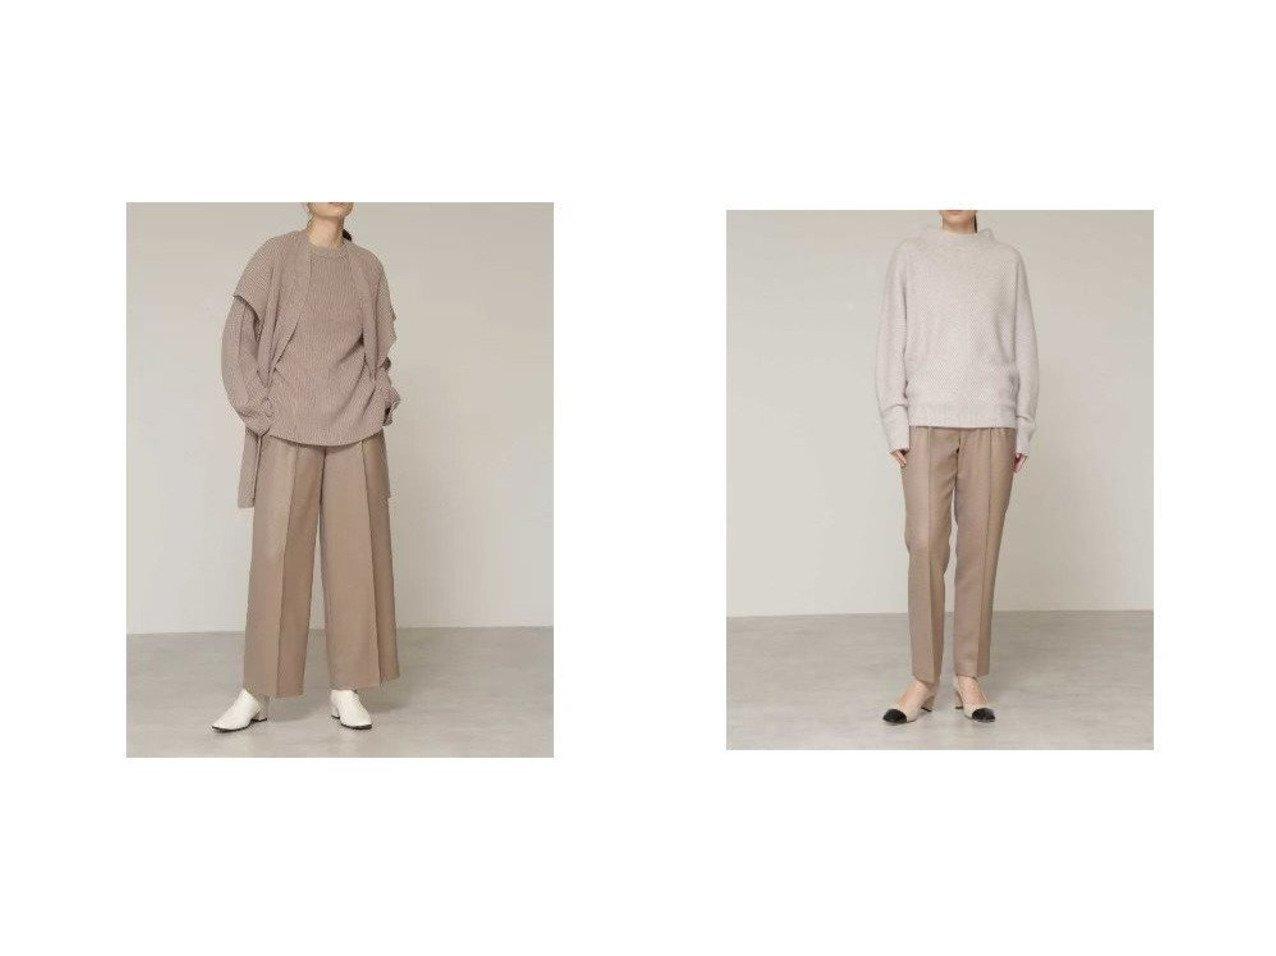 【BOSCH/ボッシュ】のツィルツィードテーパードパンツ&ツィルツィードワイドパンツ パンツのおすすめ!人気、レディースファッションの通販 おすすめで人気のファッション通販商品 インテリア・家具・キッズファッション・メンズファッション・レディースファッション・服の通販 founy(ファニー) https://founy.com/ ファッション Fashion レディース WOMEN パンツ Pants センター ツイル ベーシック マニッシュ |ID:crp329100000002612